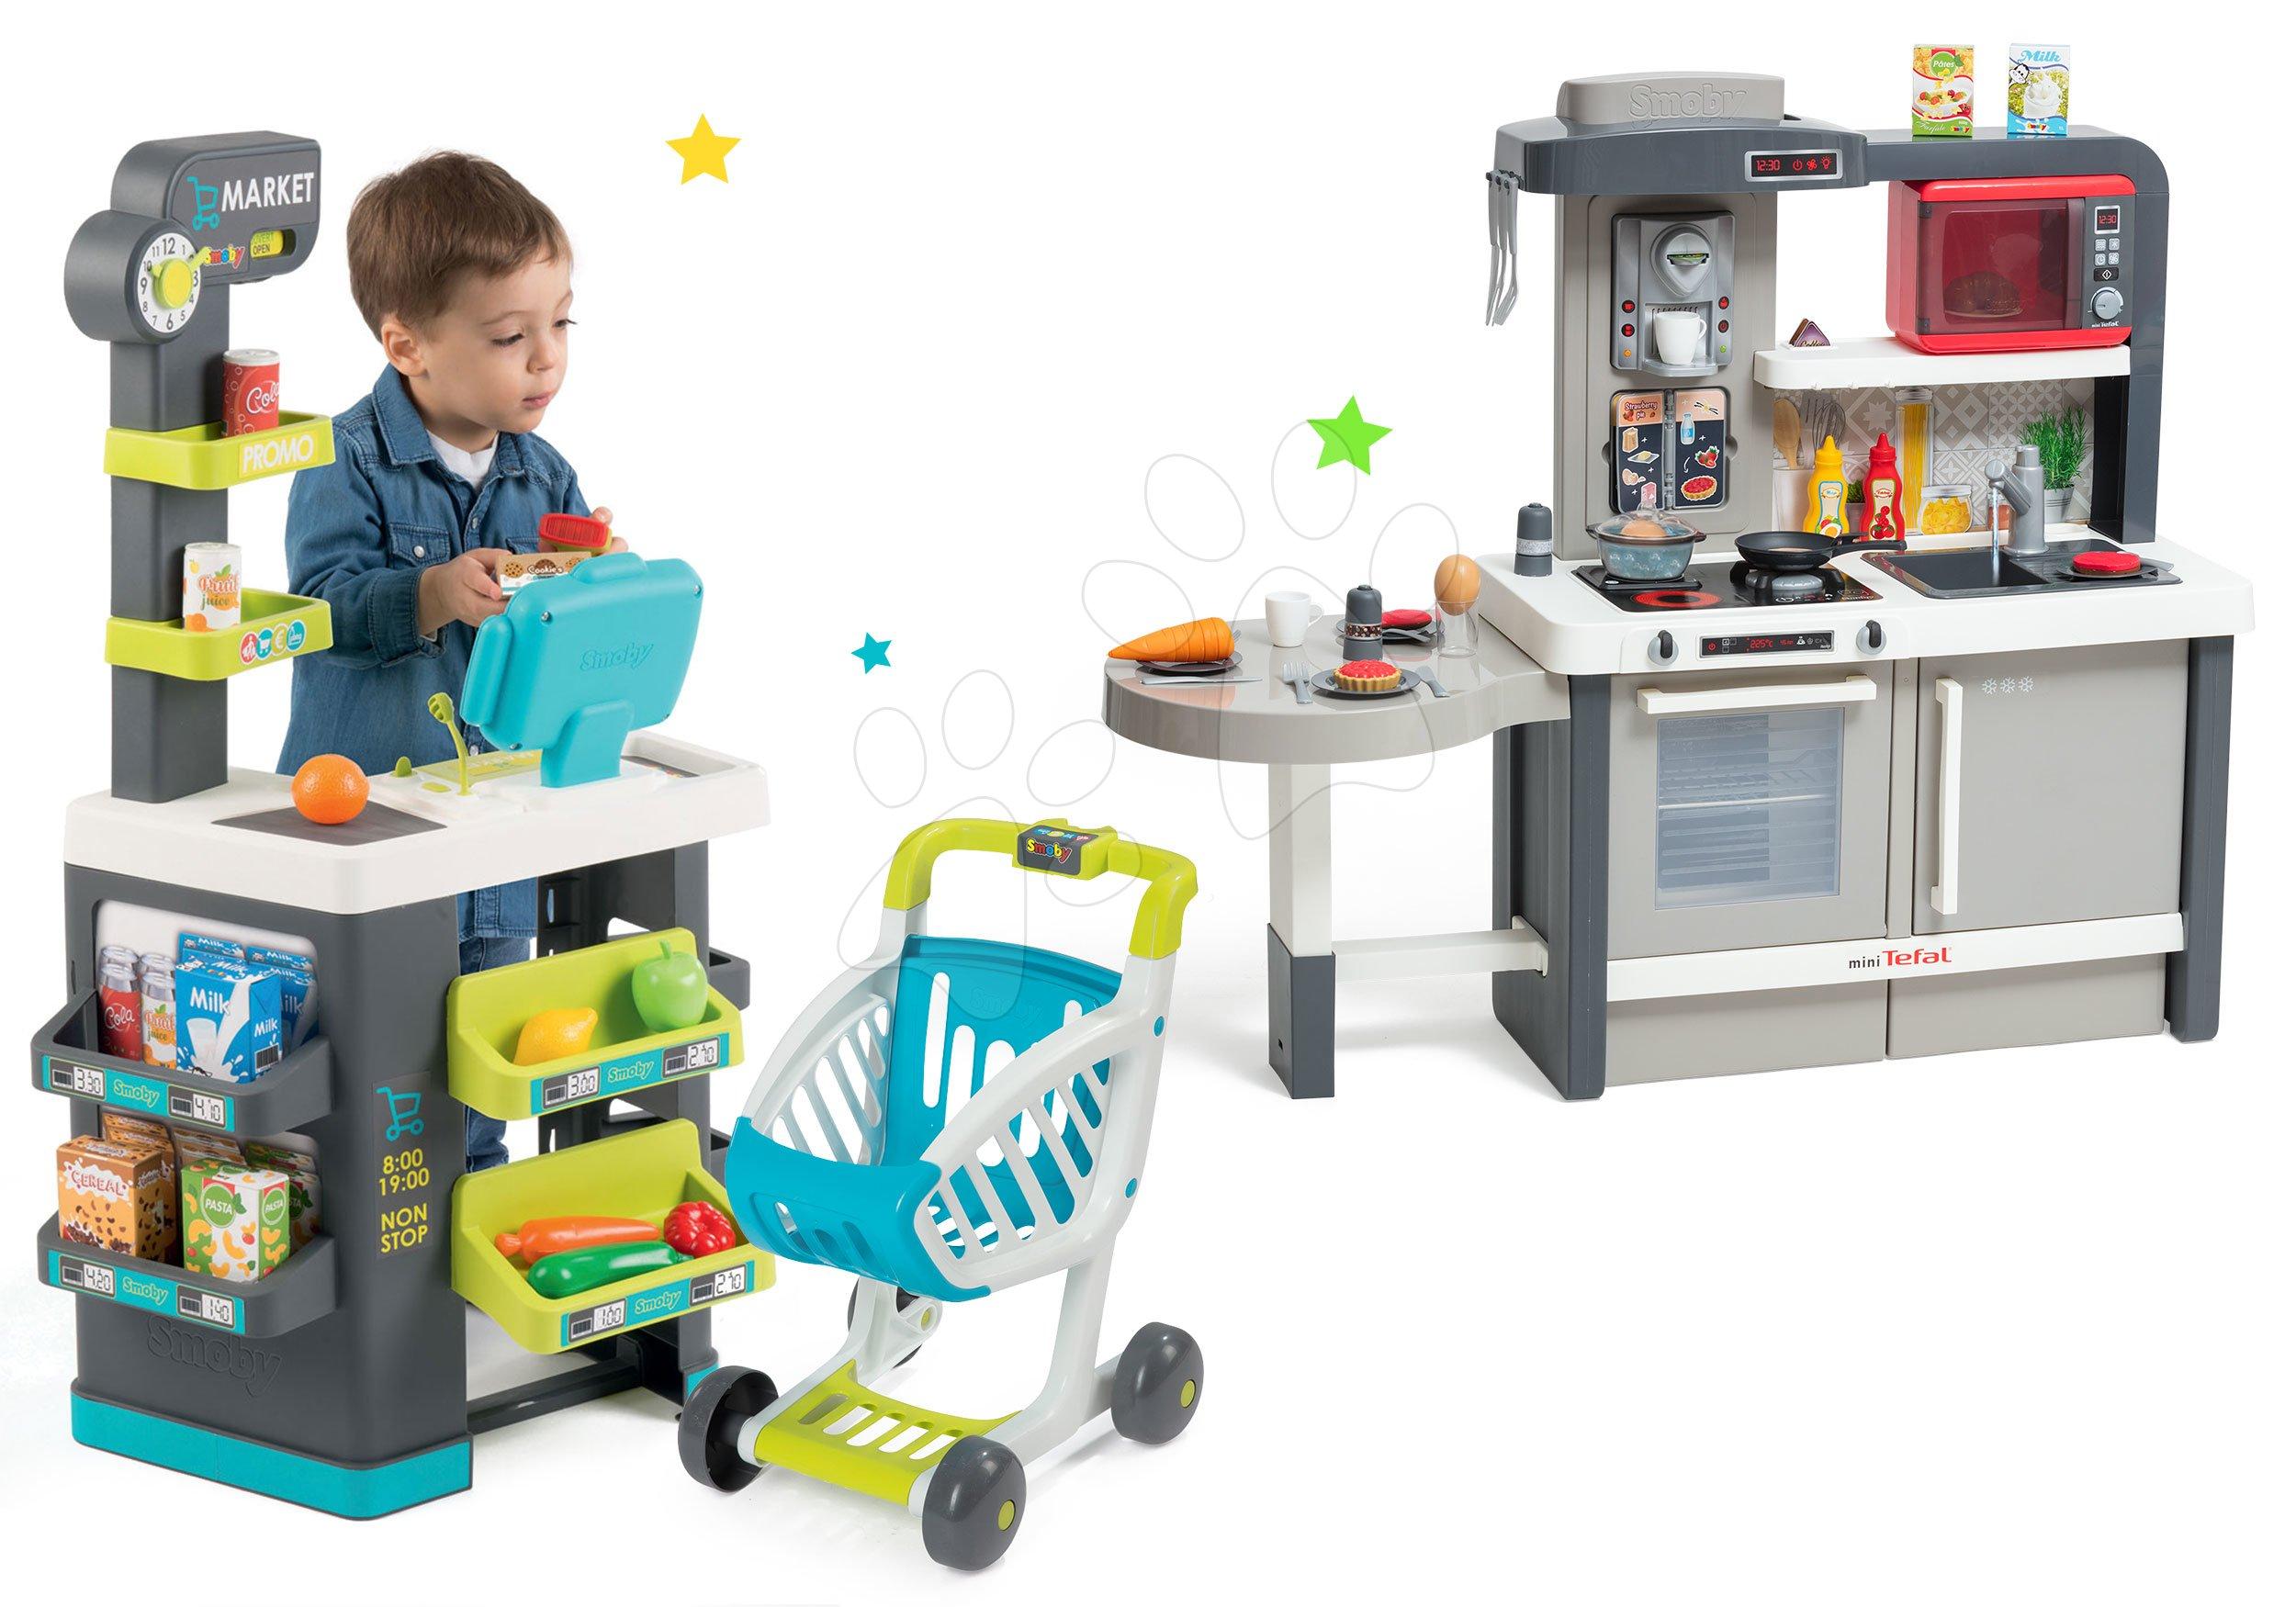 Obchody pre deti sety - Set obchod Market Smoby s elektronickou pokladňou a kuchynka rastúca Tefal Evolutive s ľadom a mikrovlnkou